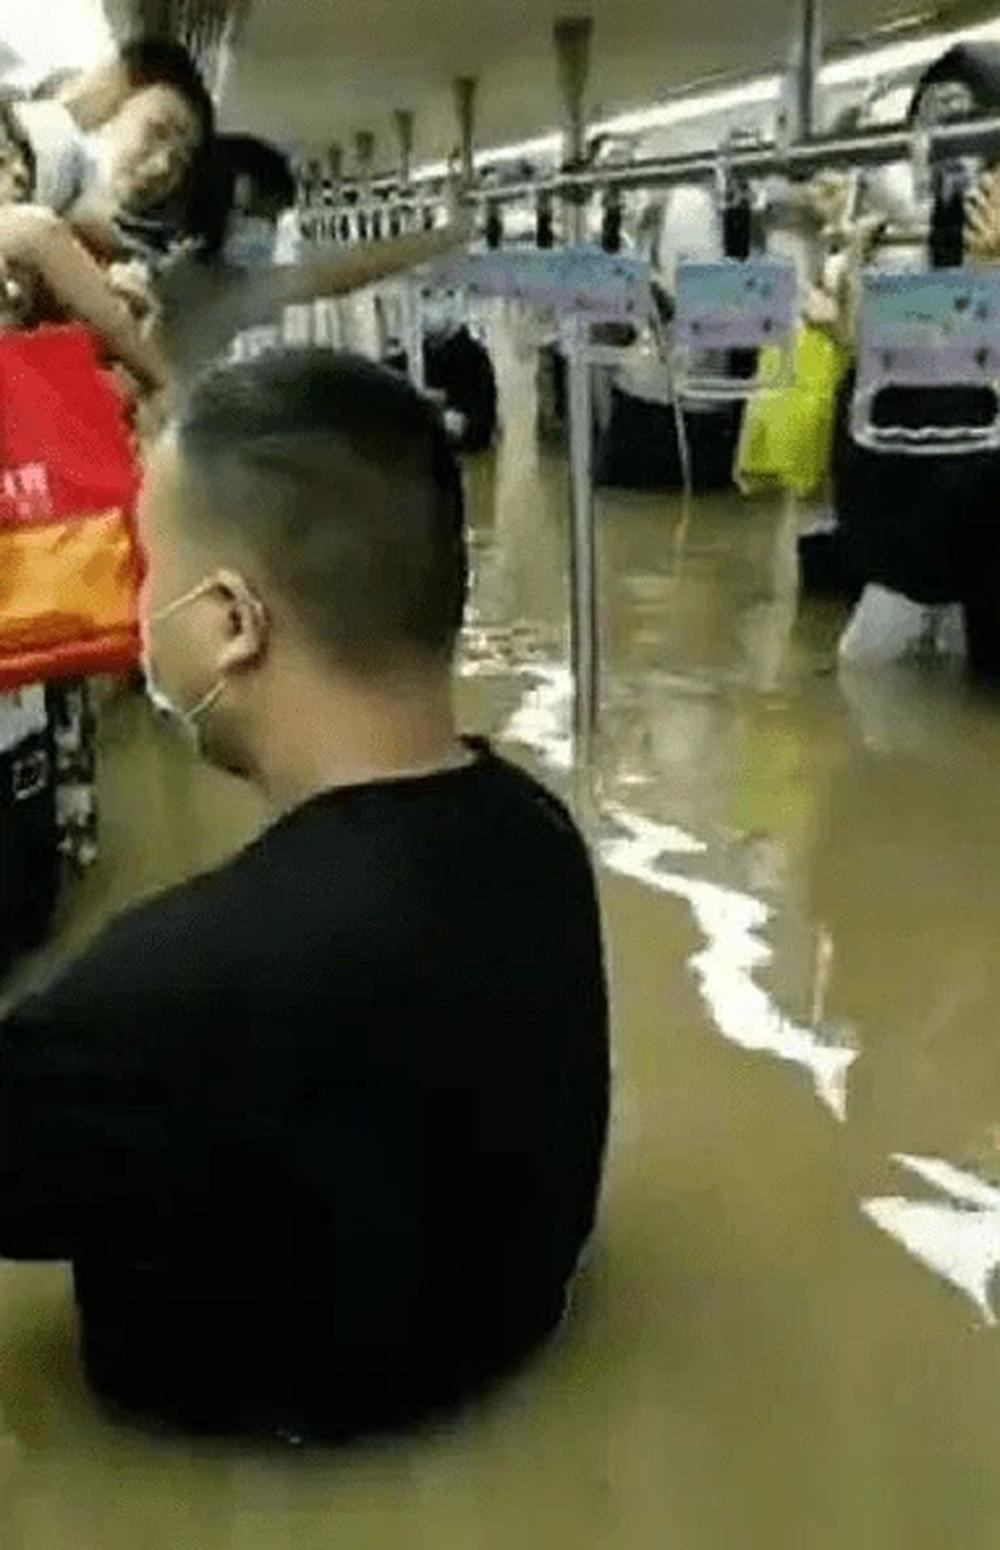 Tàu điện ngầm chìm trong nước lũ, 12 người chết, hành khách tuyệt vọng gọi từ biệt người thân - Ảnh 2.